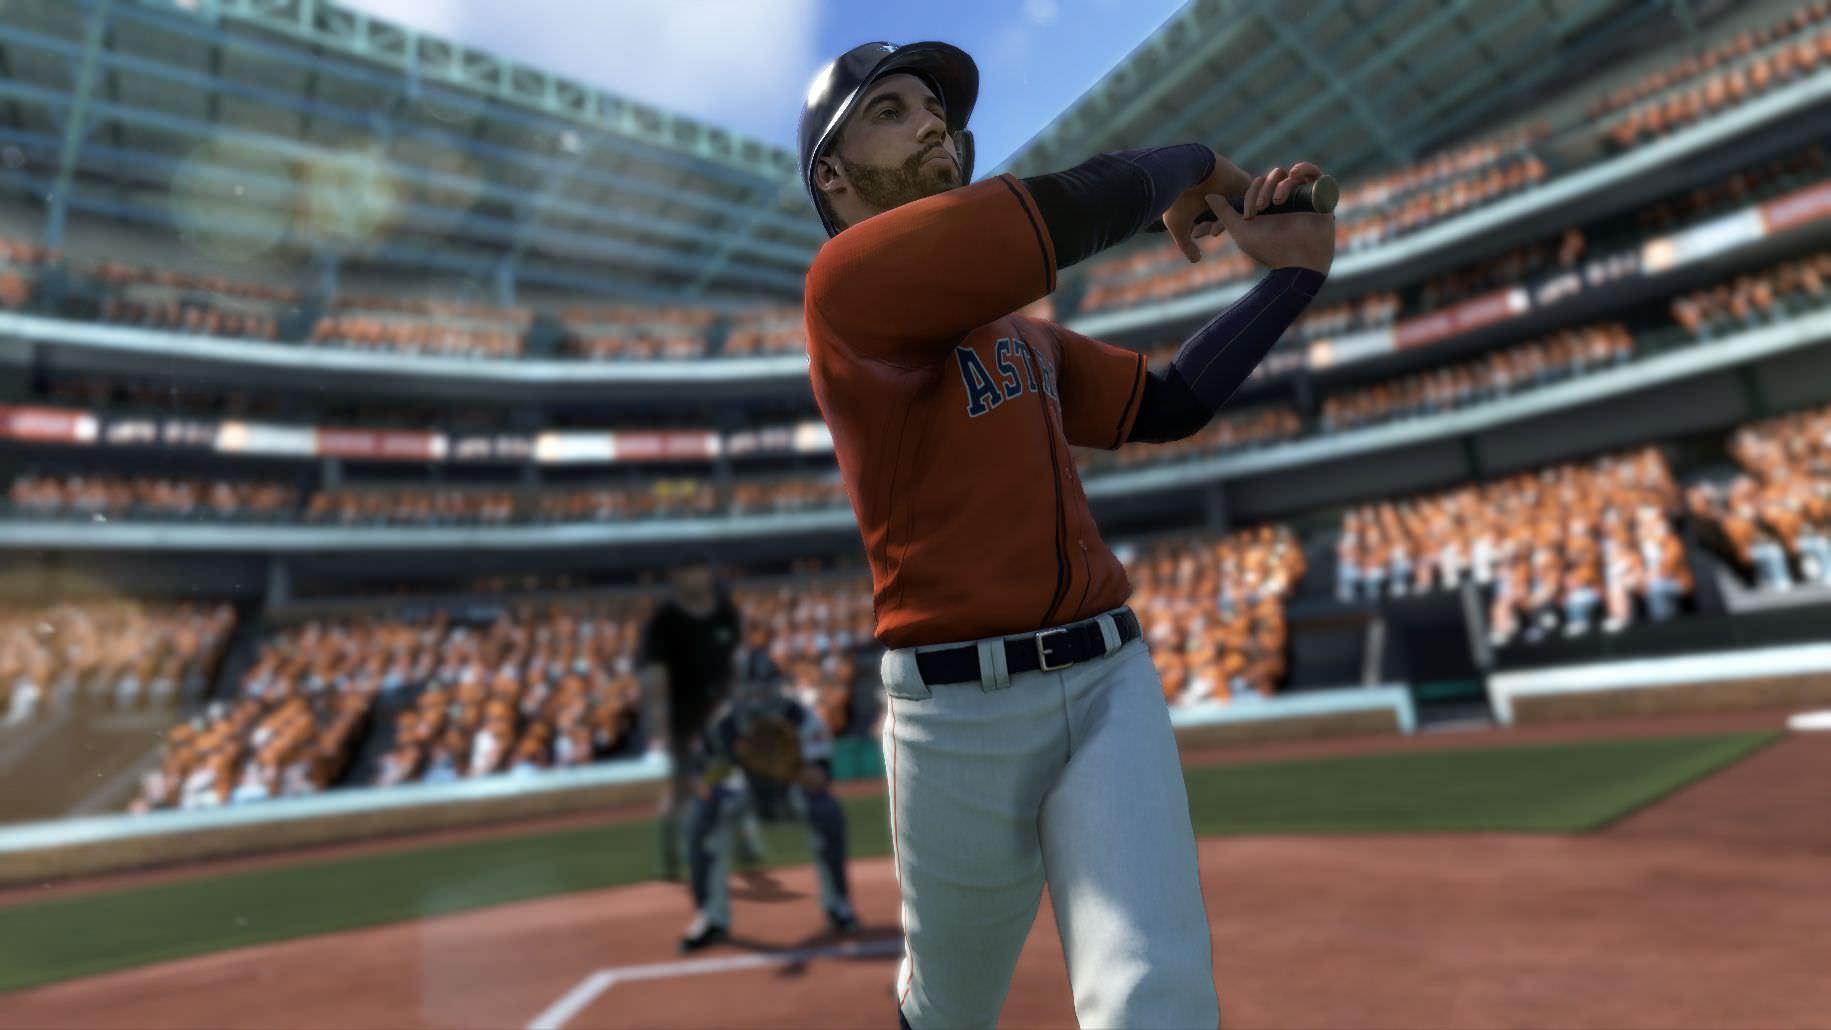 RBI Baseball 18: Descuento del 30% en la eShop de Switch y parche en camino